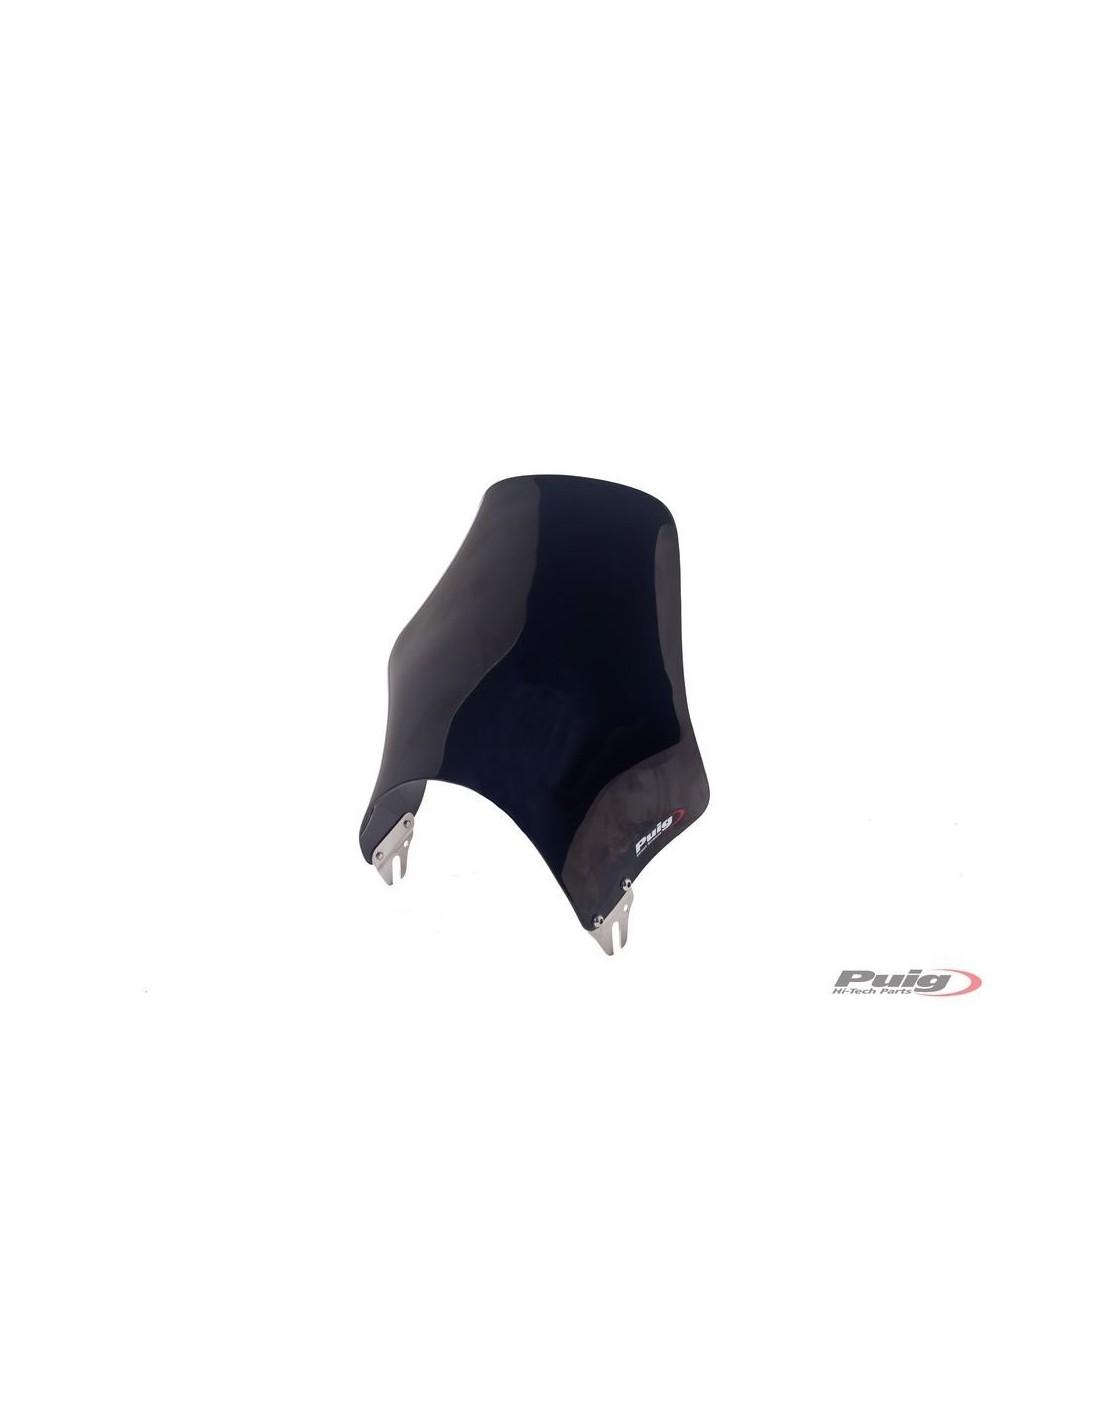 Cupula parabrisas universal faro redondo